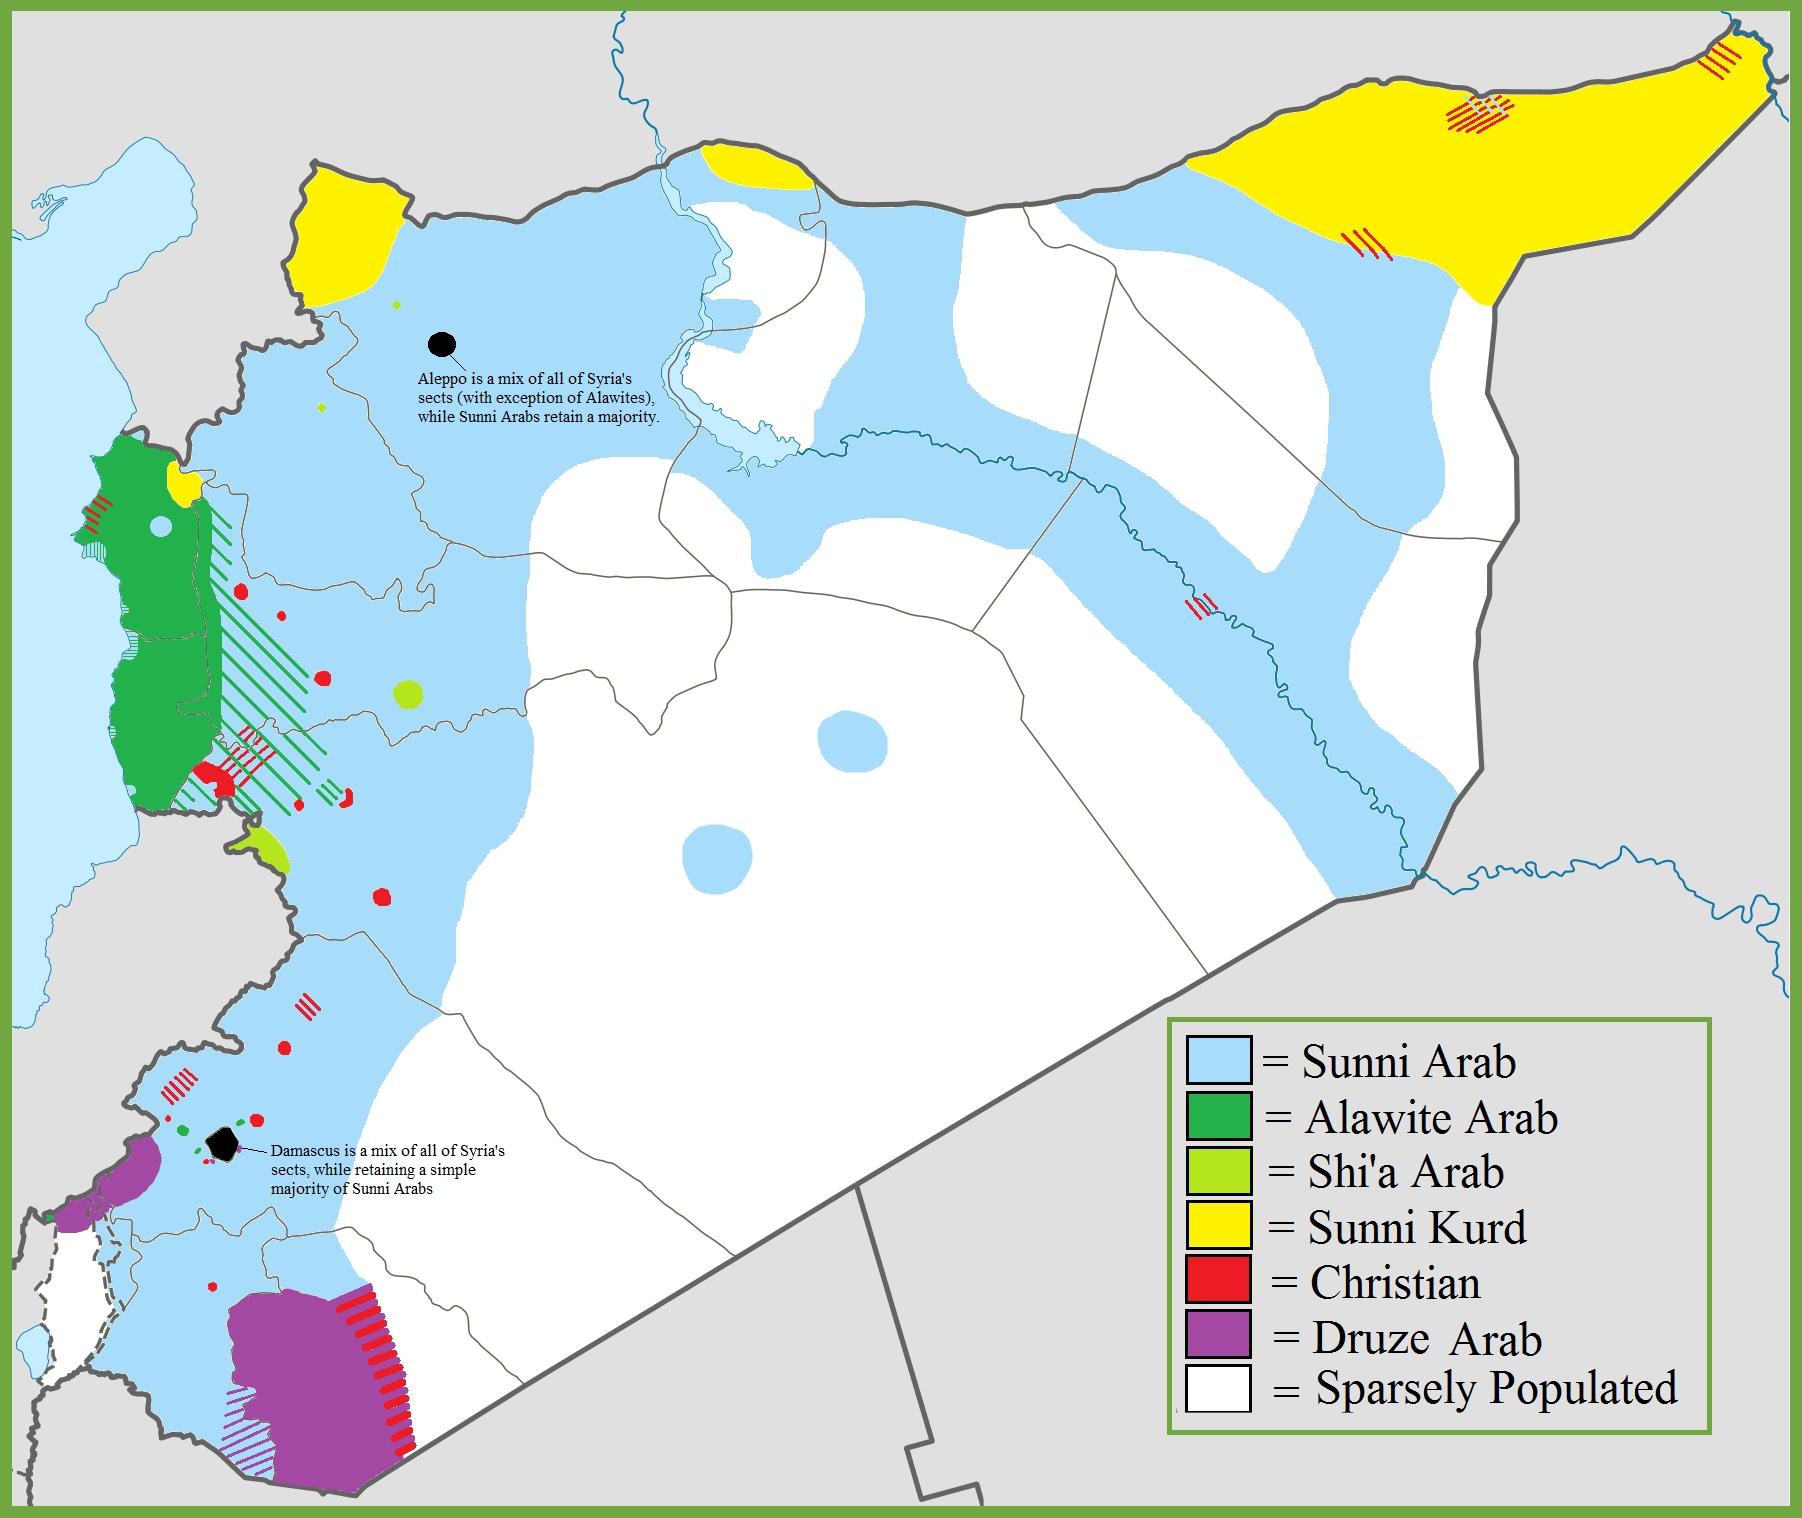 Syria ethnoreligious map